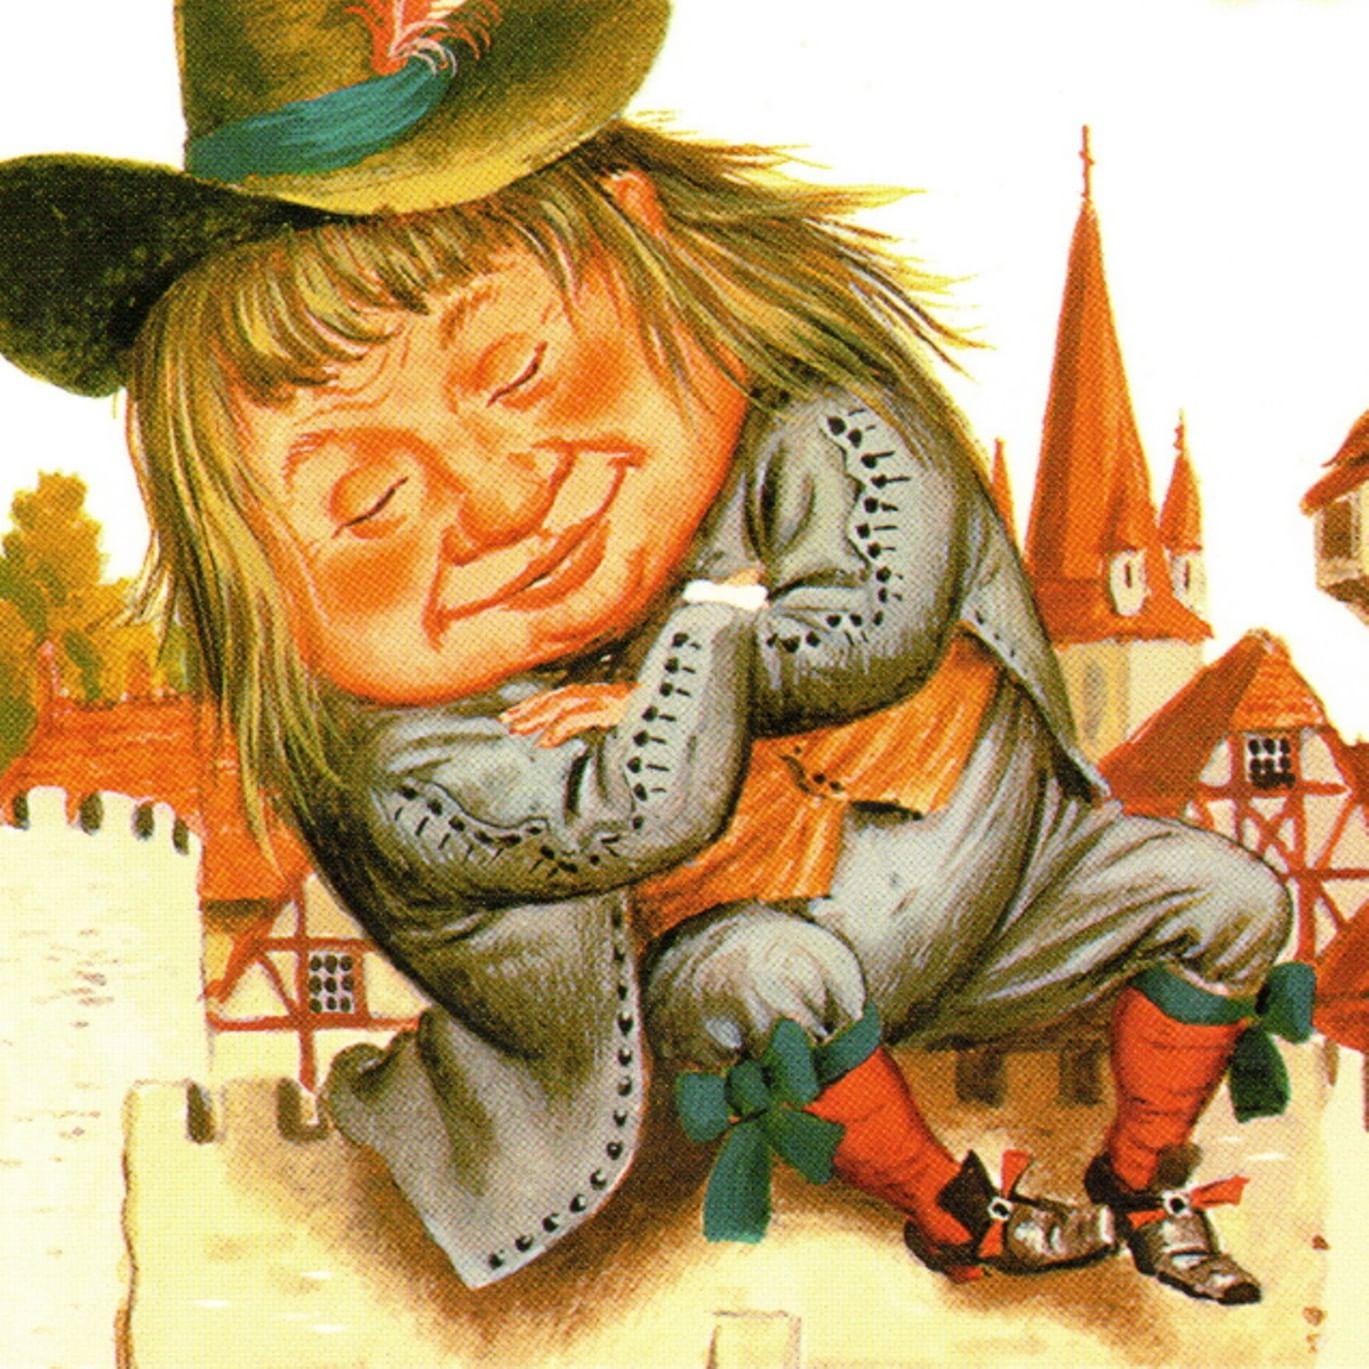 Кто научил говорить по-русски Карлсона и Винни-Пуха. Галерея 4. Самуил Маршак